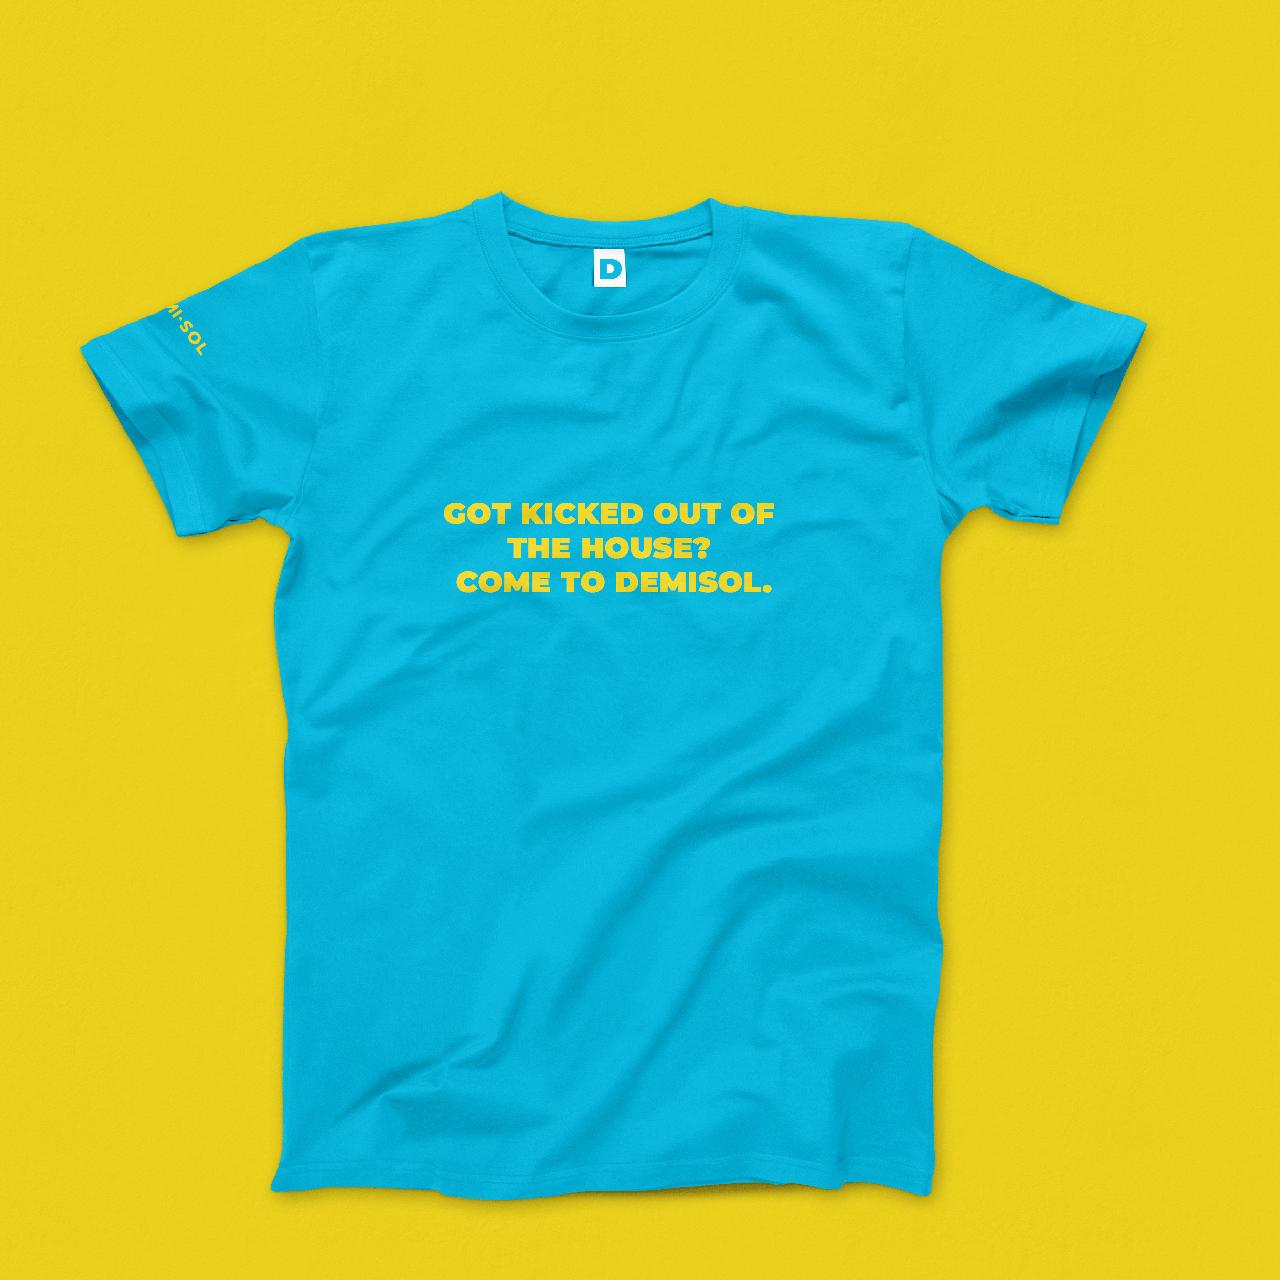 03-HC-Demisol-tshirt-ideeas-v1-BD